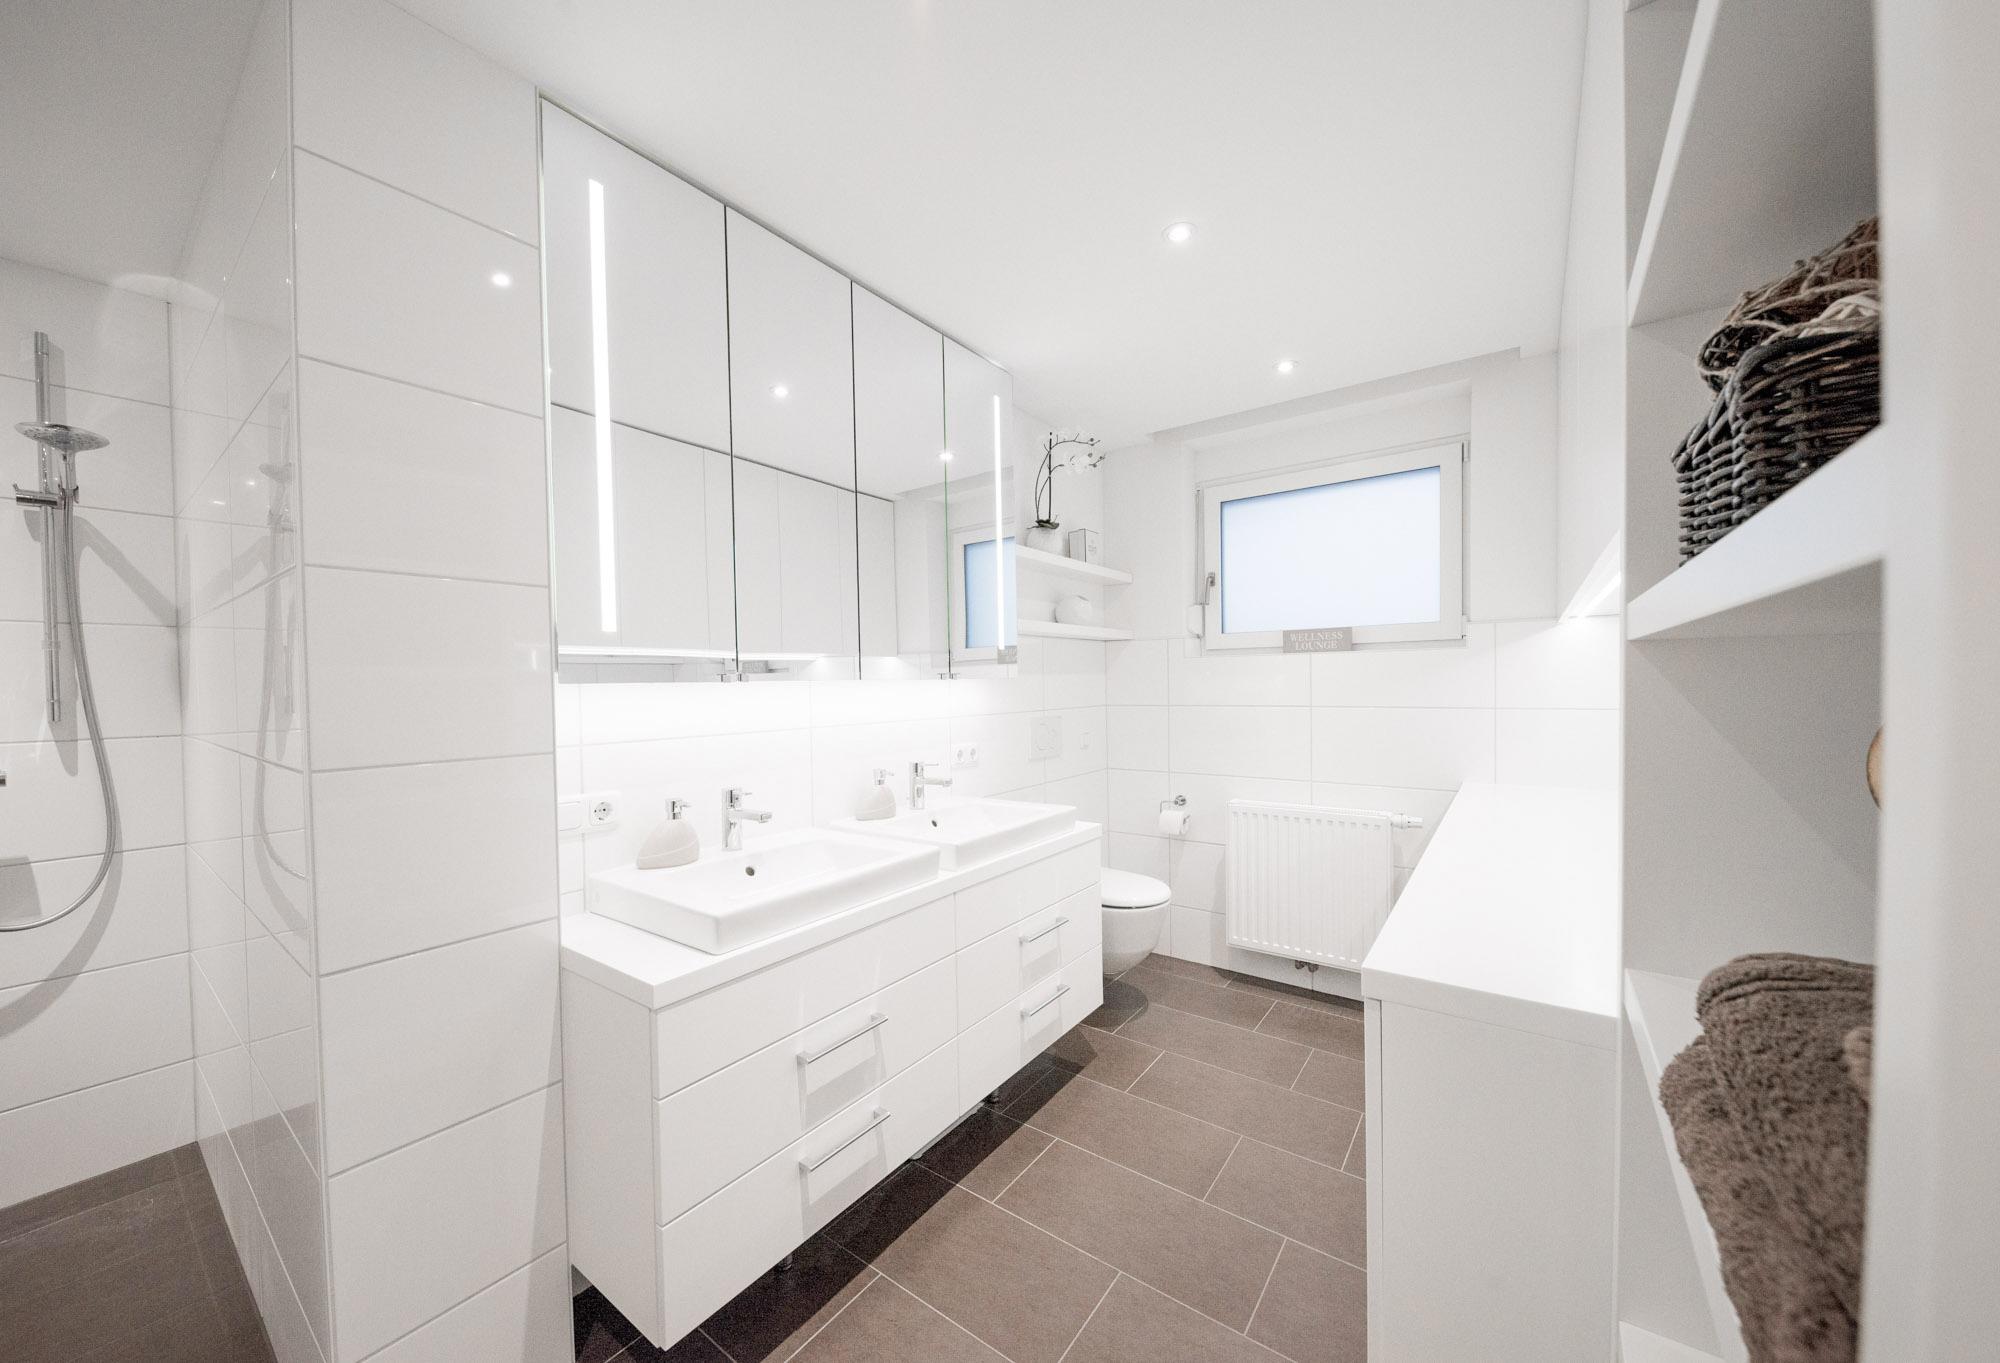 galerie tischlerei pirchheim. Black Bedroom Furniture Sets. Home Design Ideas